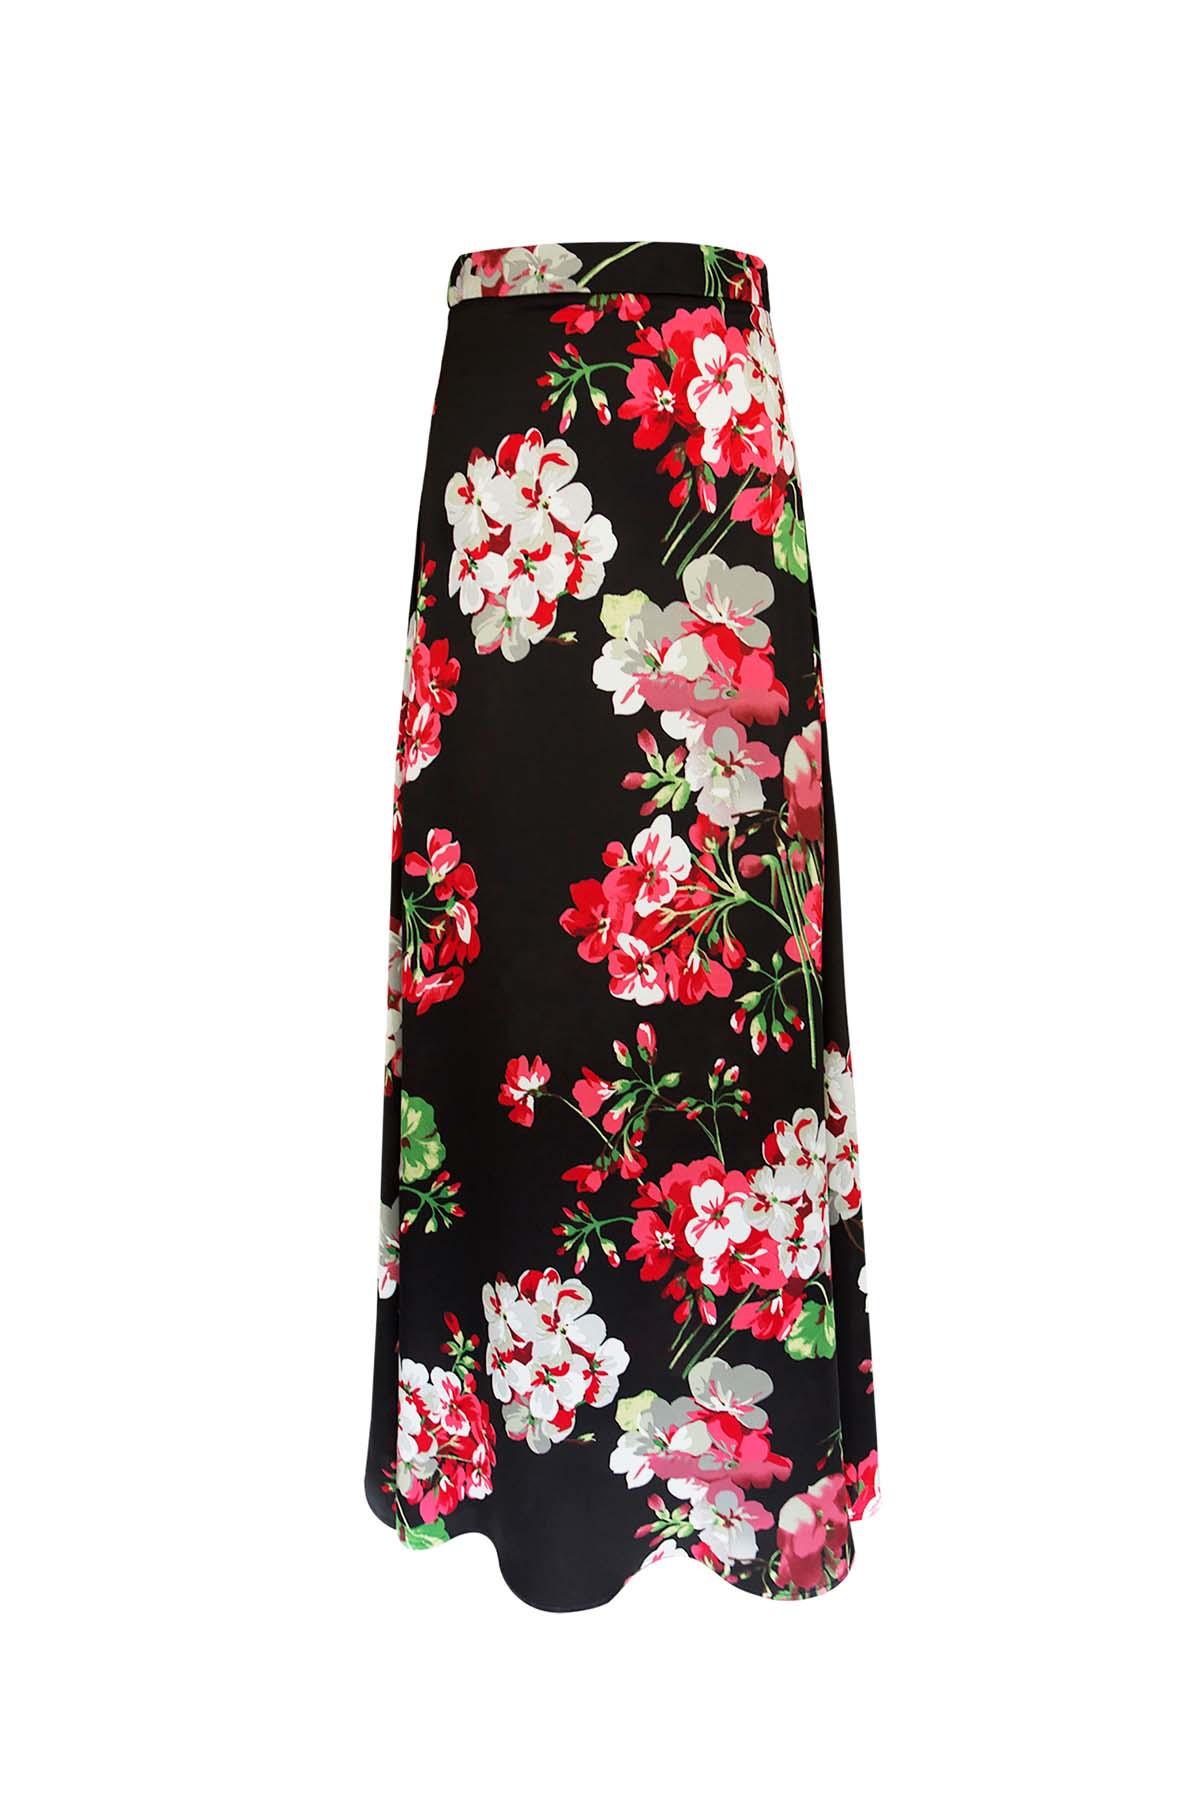 Teria Yabar - Falda negra de flores